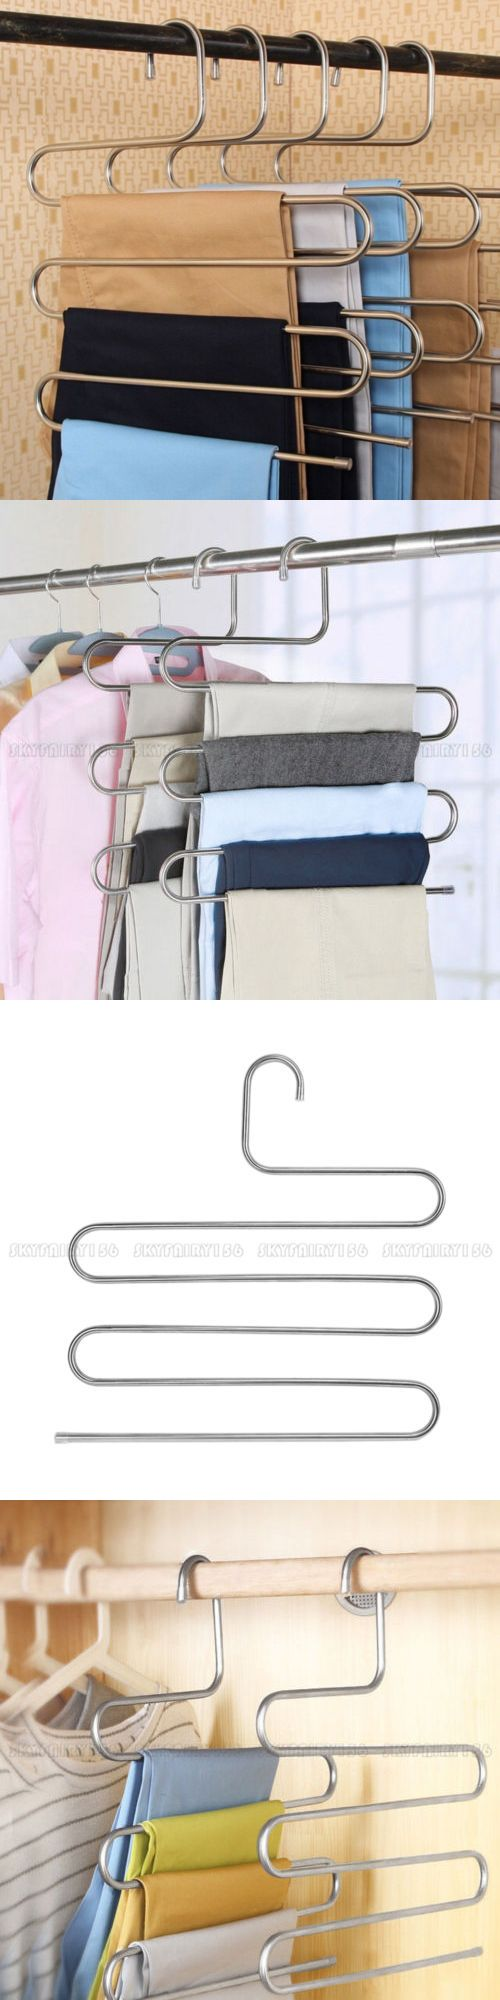 5pcs S Type Clothes Pants Trouser Hanger 5 Layer Storage Rack Closet Space Saver Closet Space Savers Closet Storage Clothes Hanger